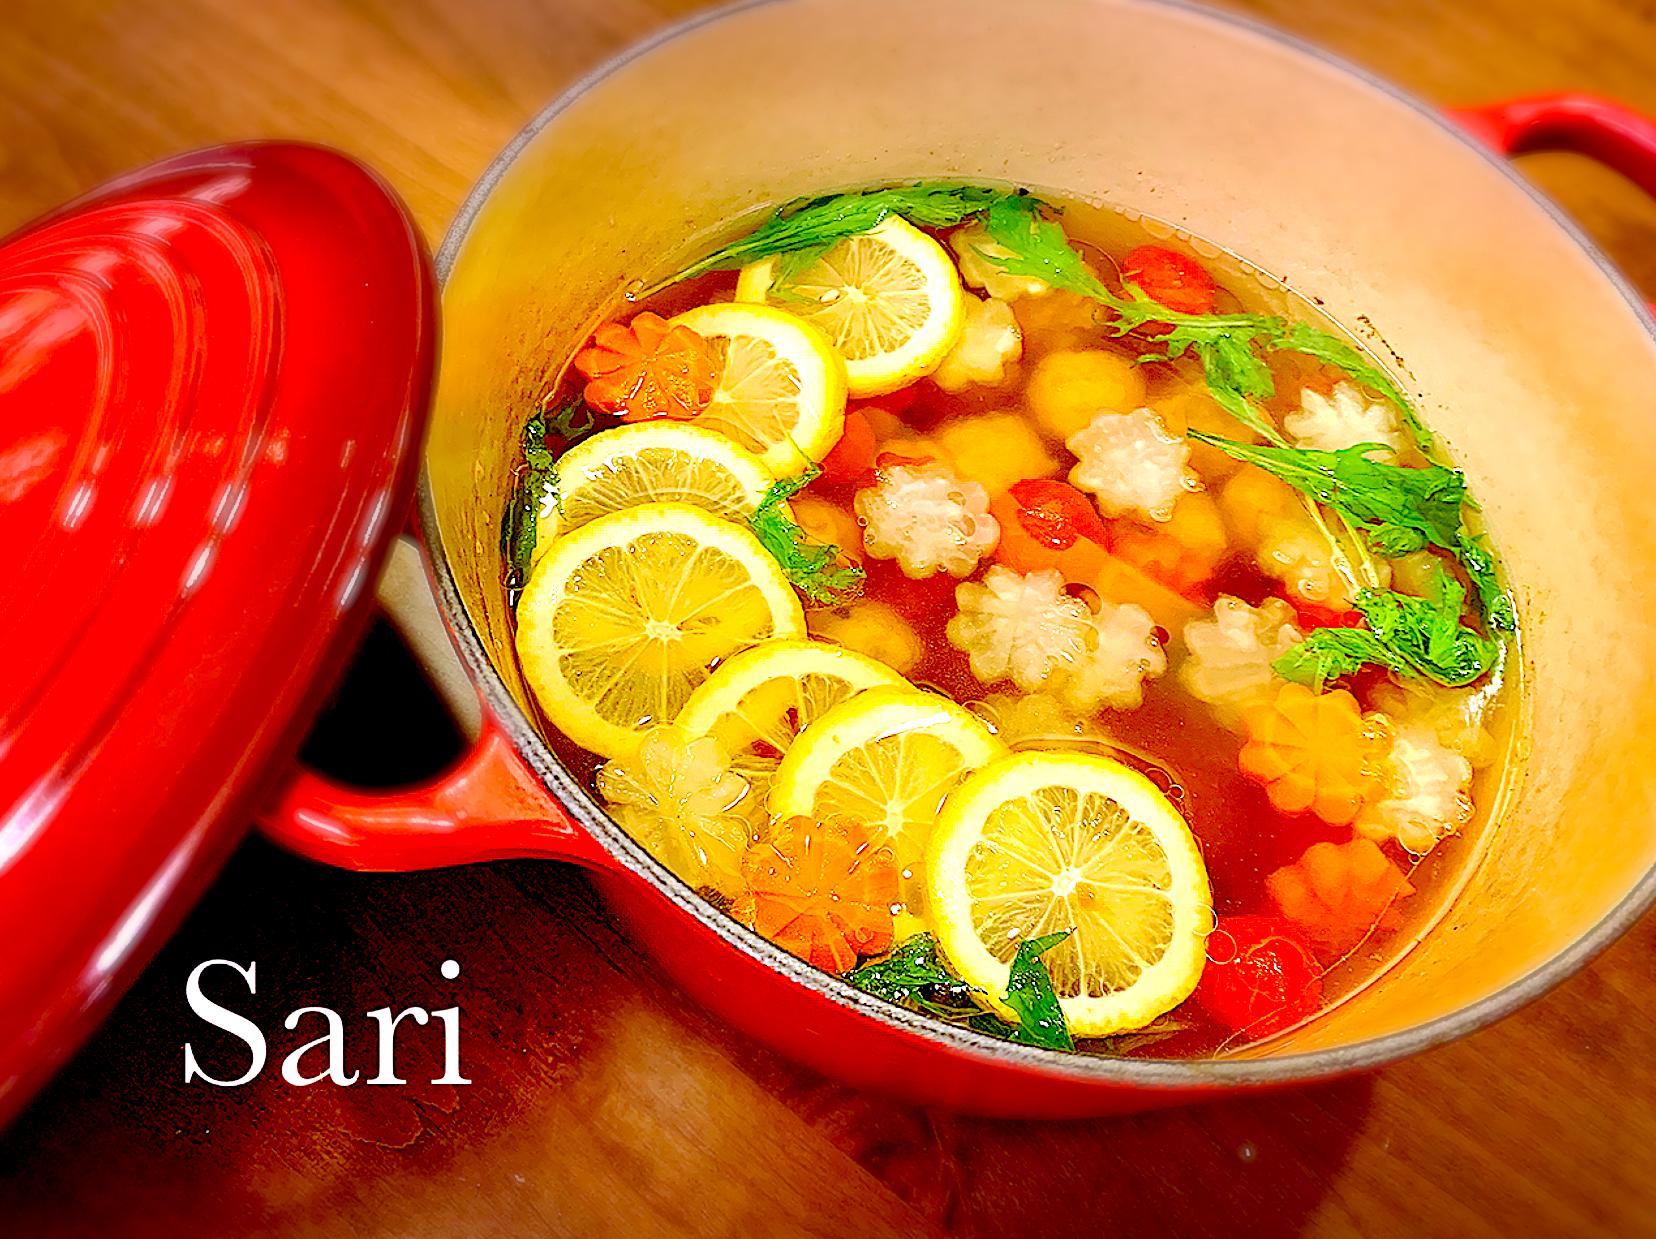 ヤマサ焼きあごだしで レモンジンジャースープ!